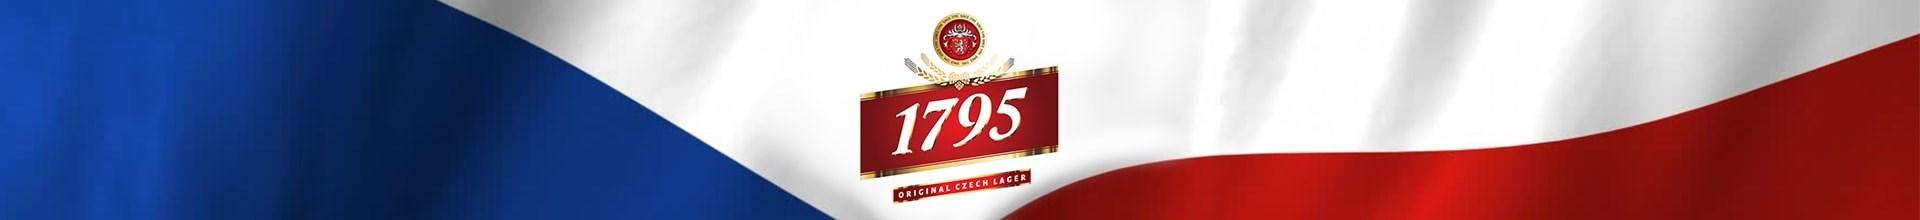 Budweiser 1795